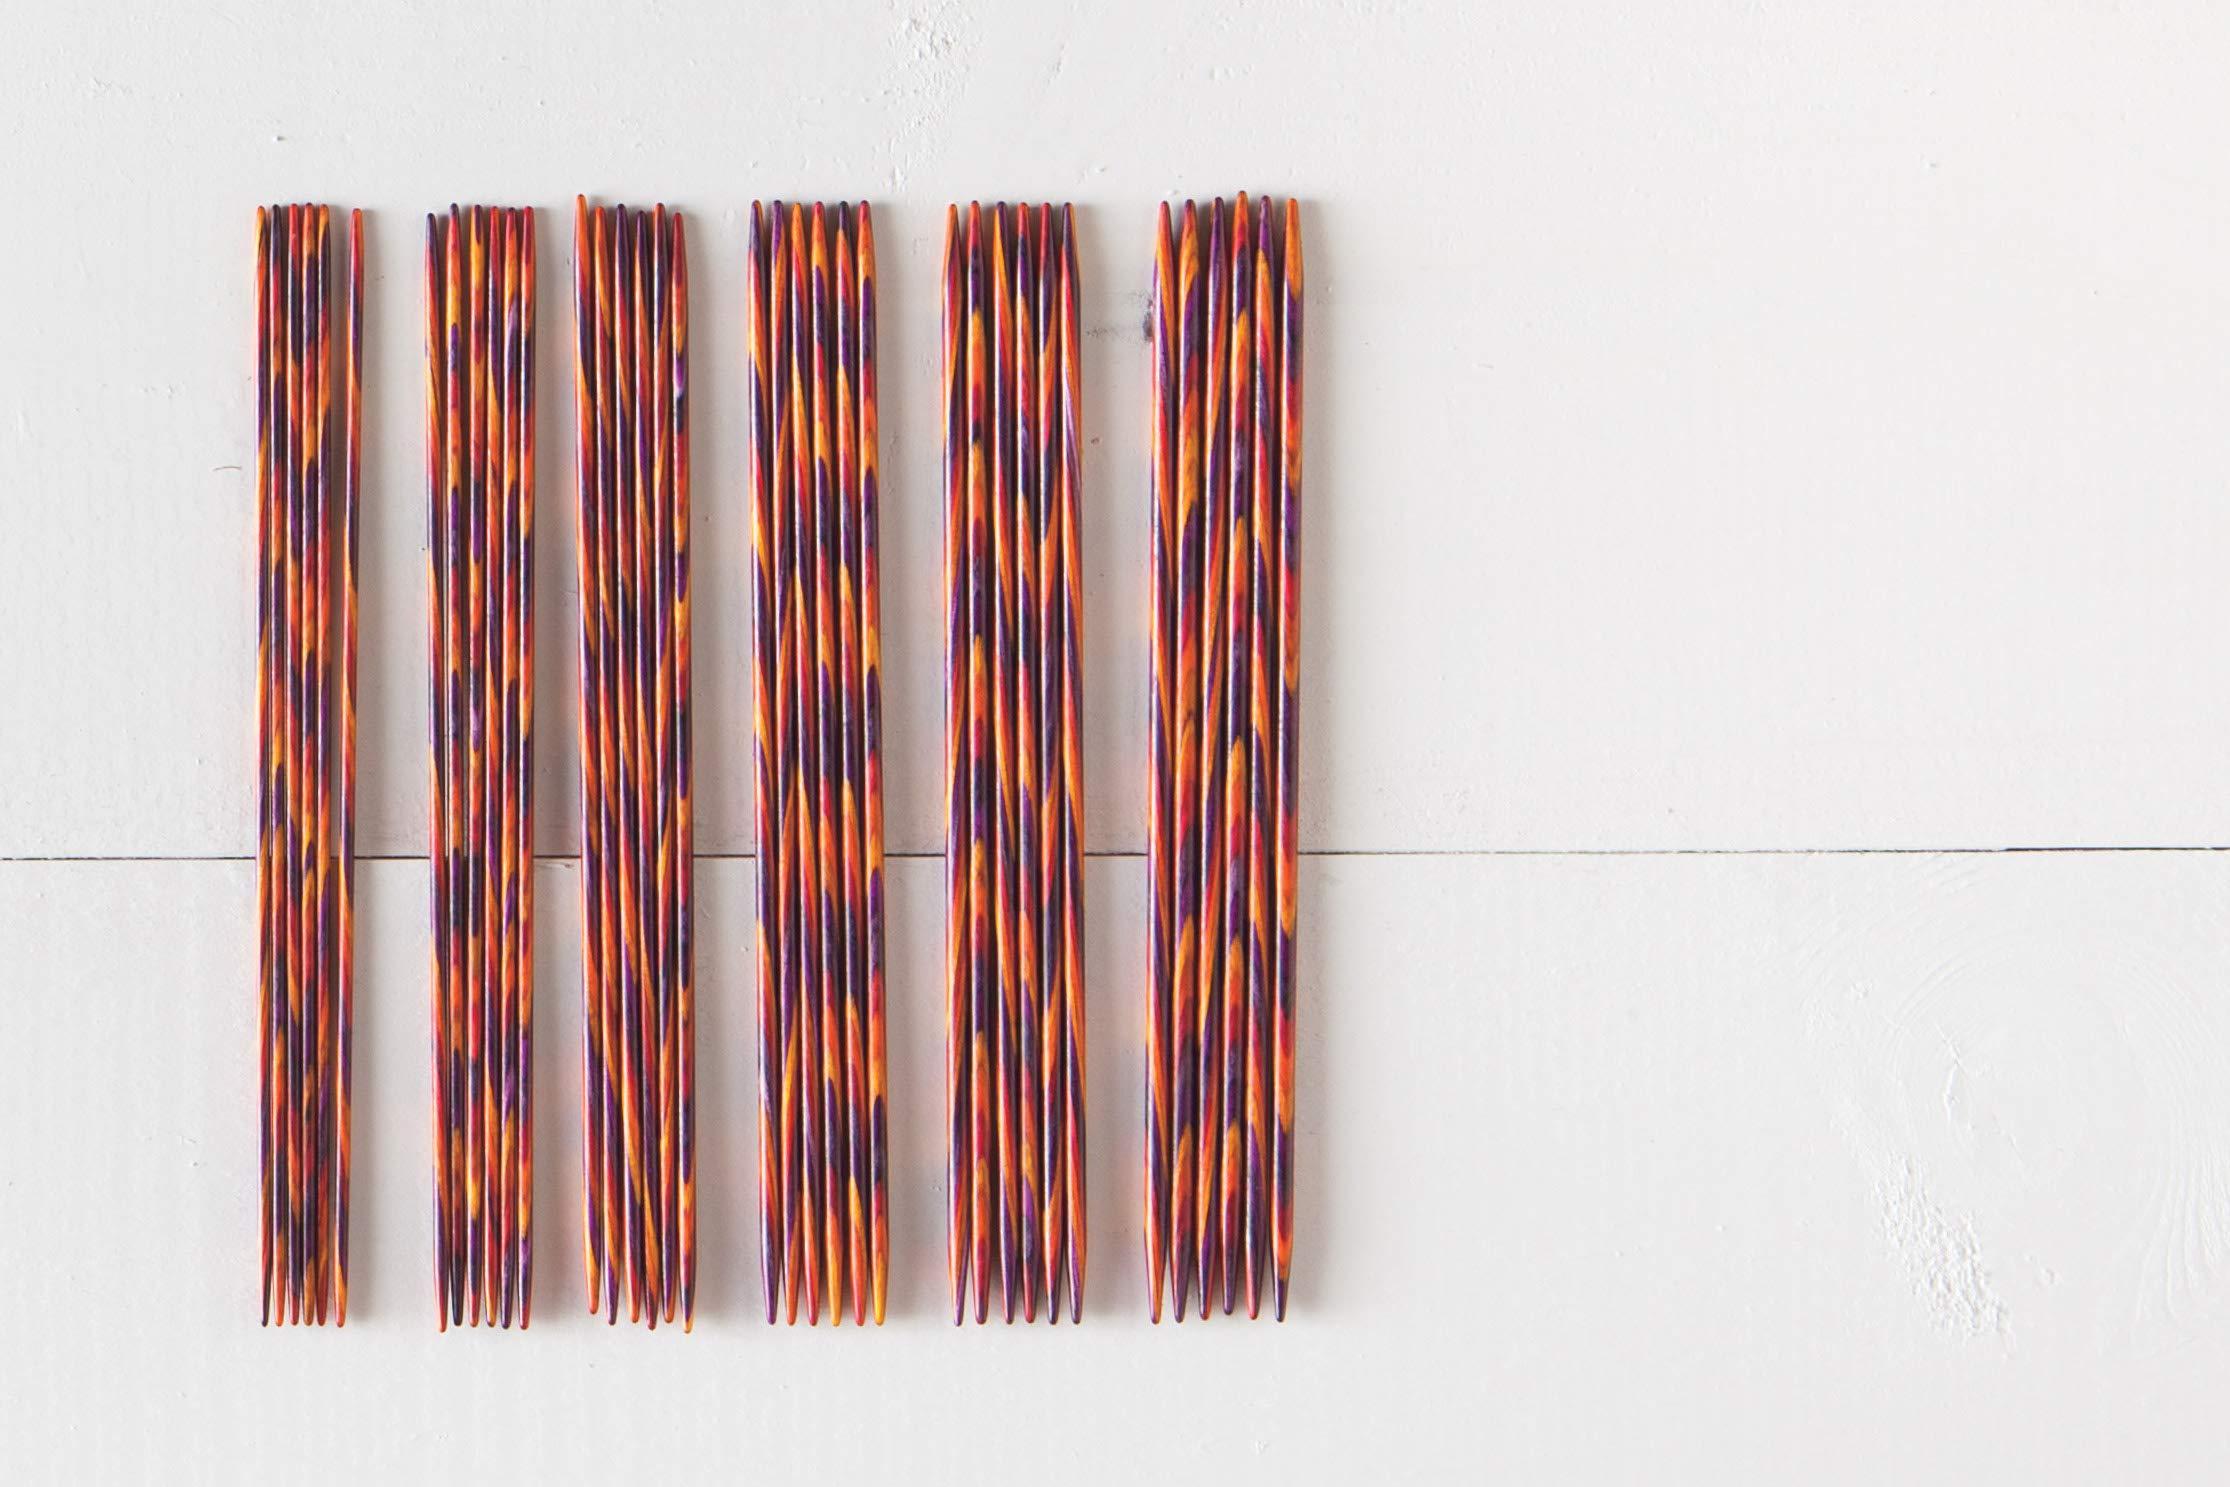 Knit Picks Wood Double Pointed Knitting Needle Set (6'', Radiant)